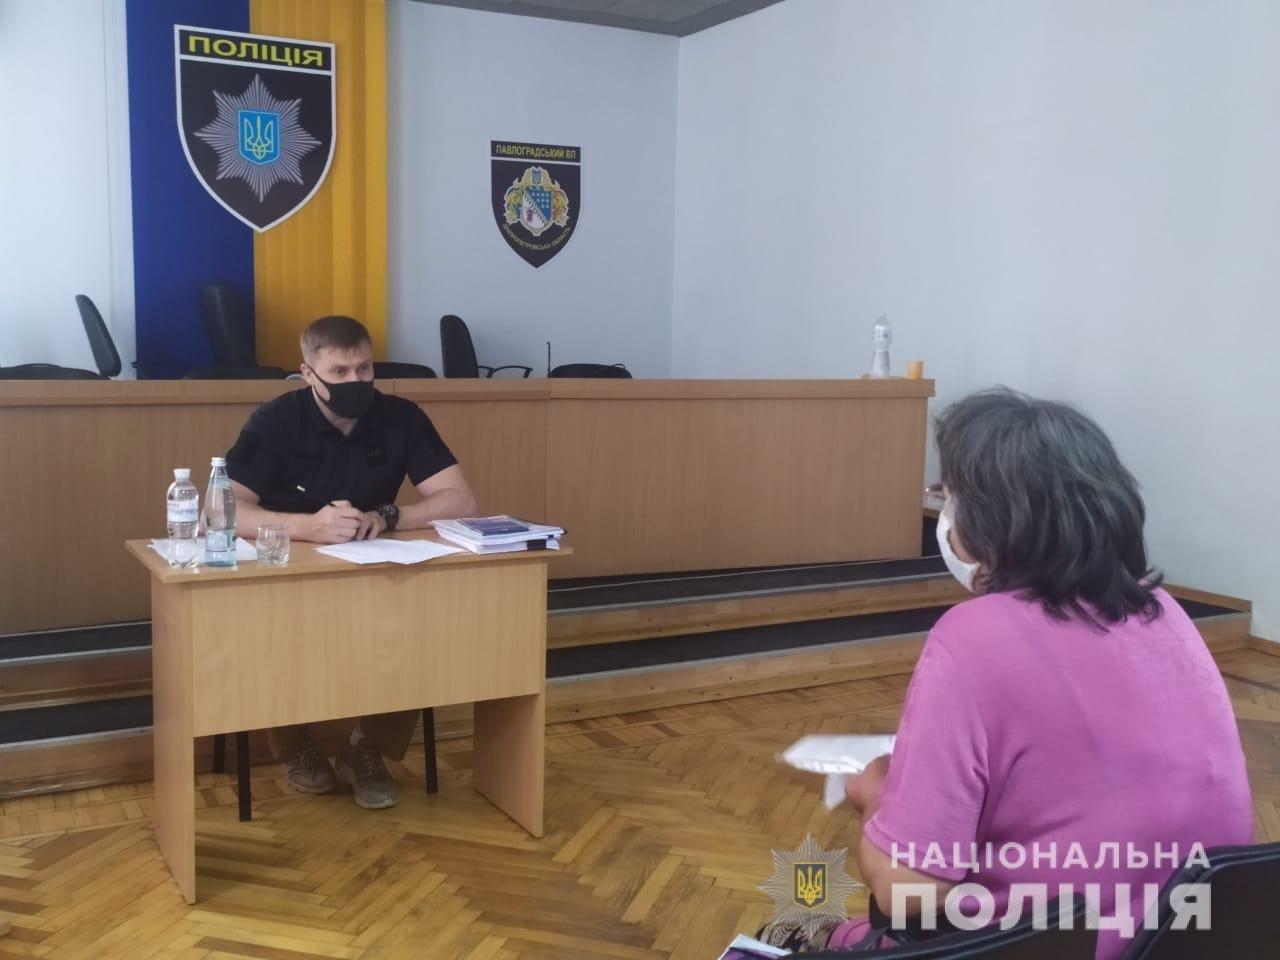 Временно исполняющий обязанности начальника Павлоградского отдела полиции уже принял более 60 жителей (ВИДЕО), фото-1